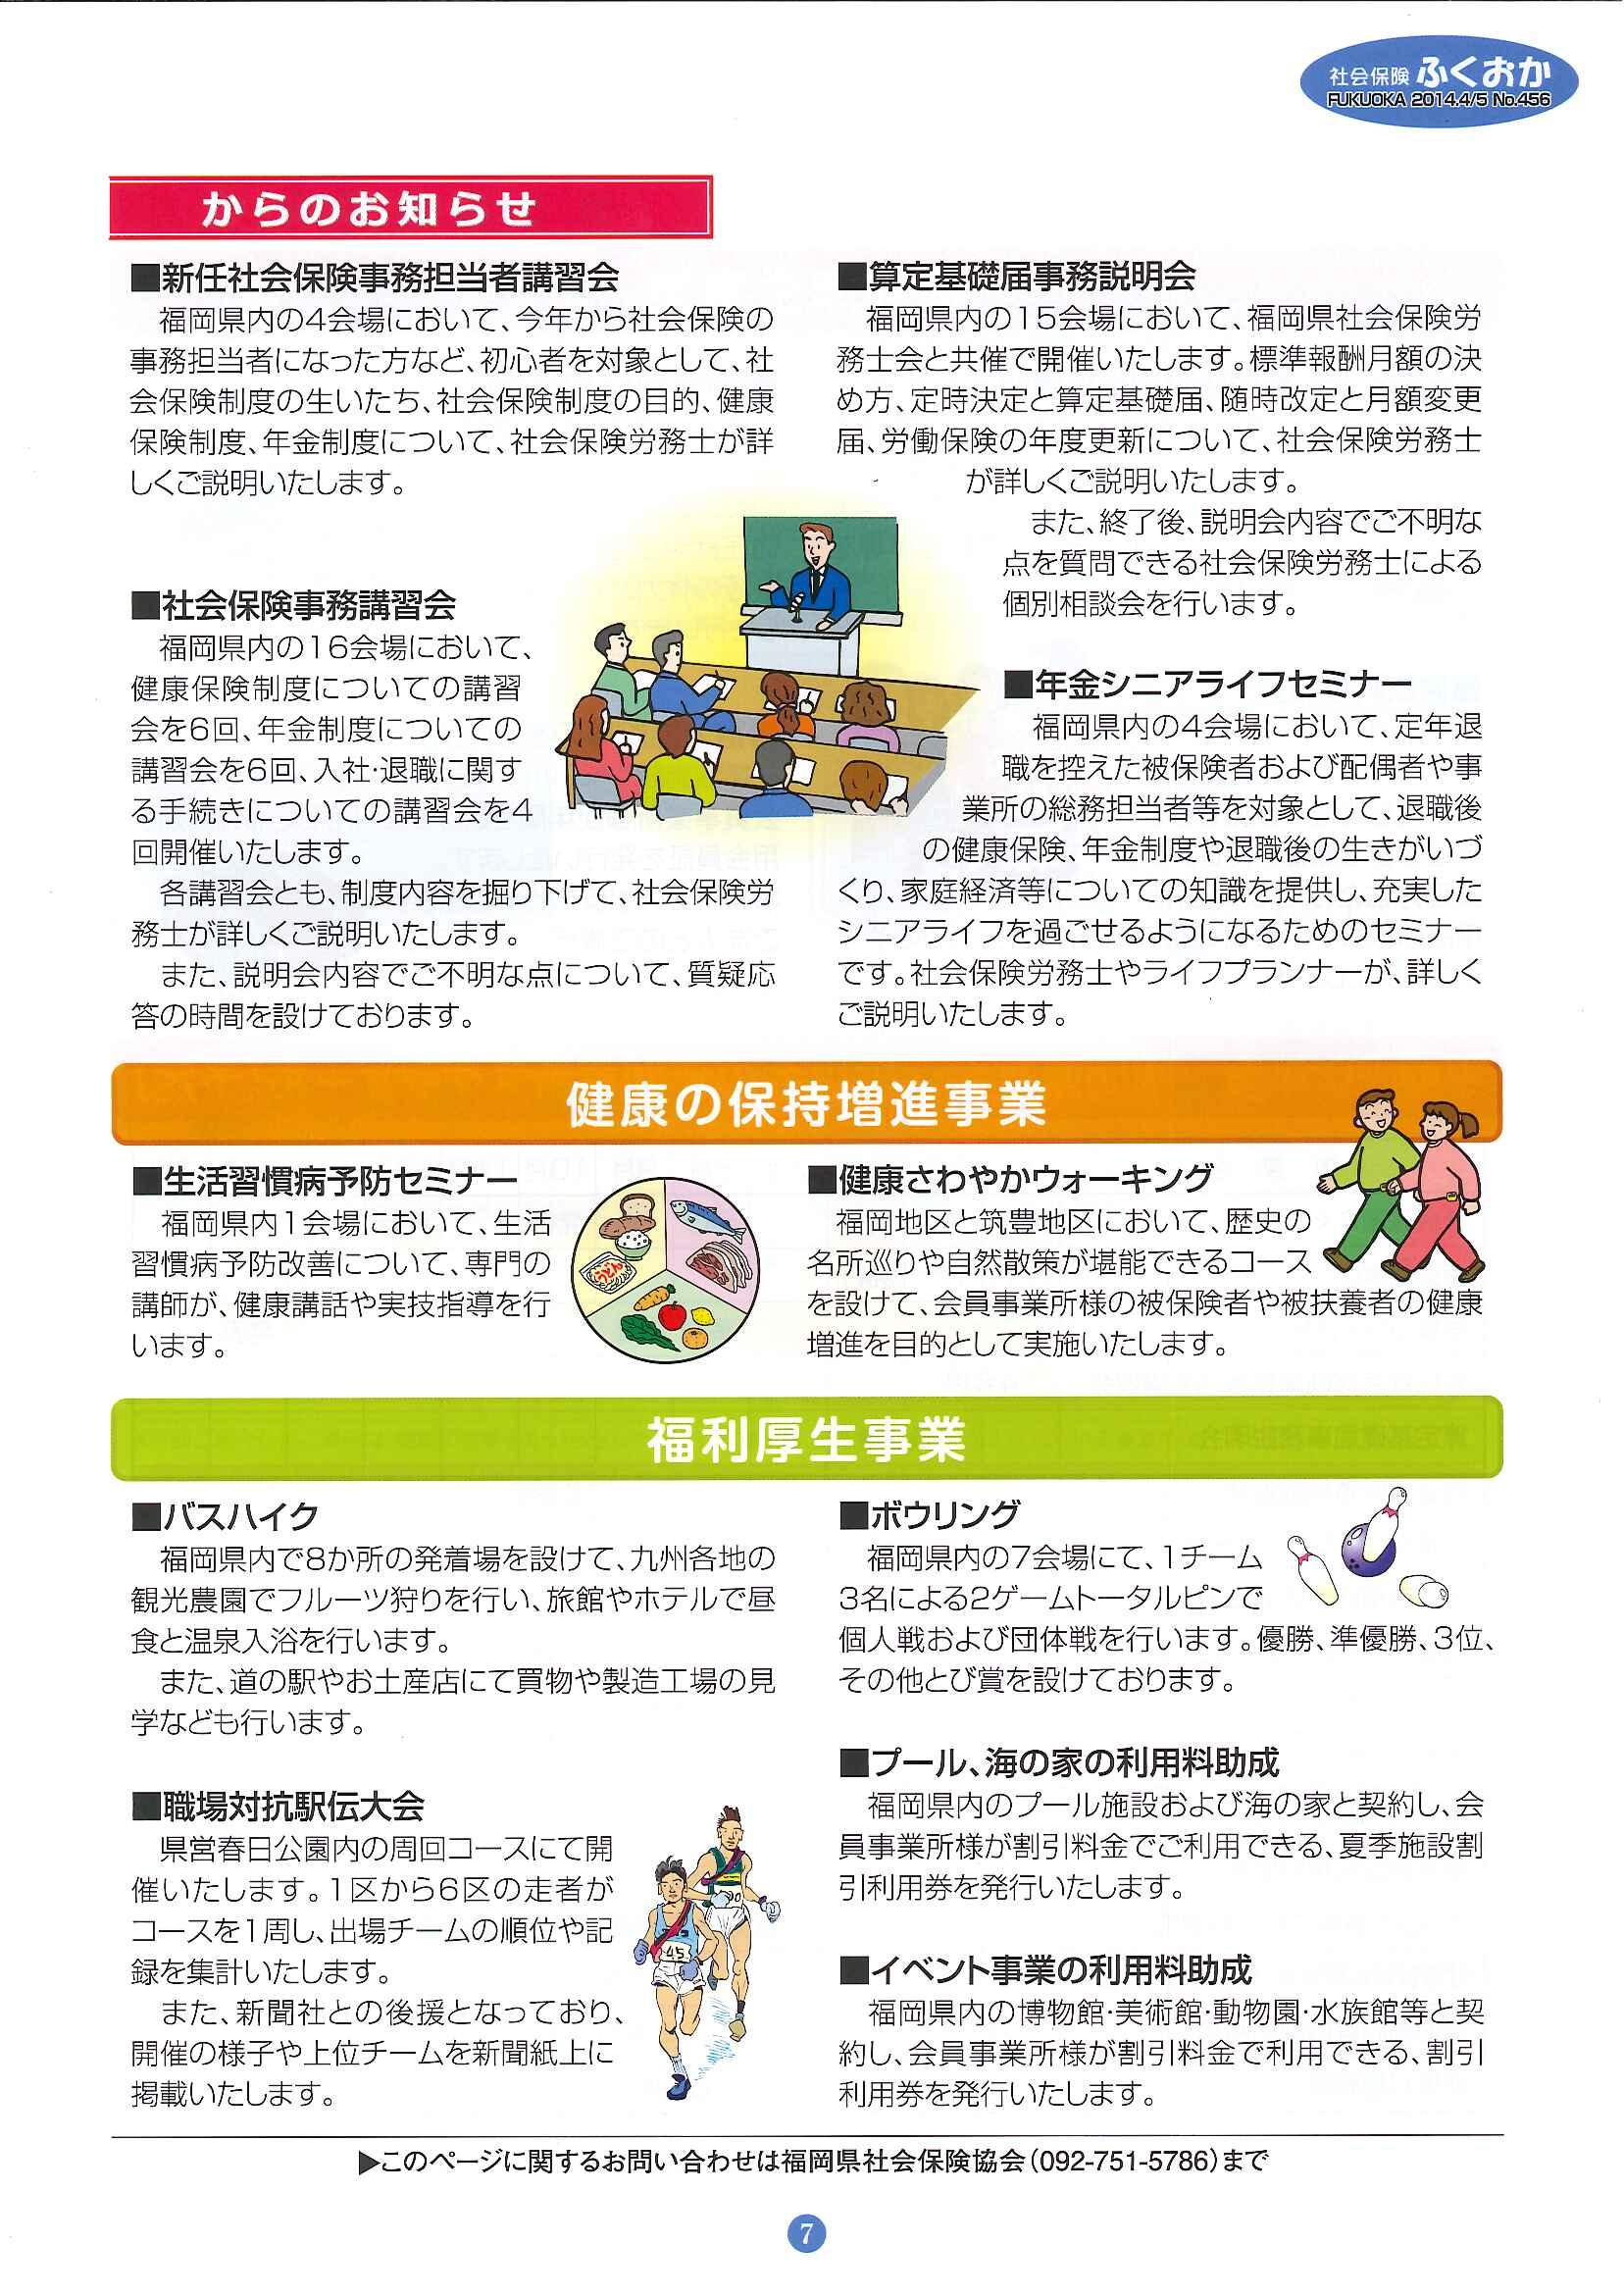 社会保険 ふくおか 2014年4・5月号_f0120774_14594726.jpg